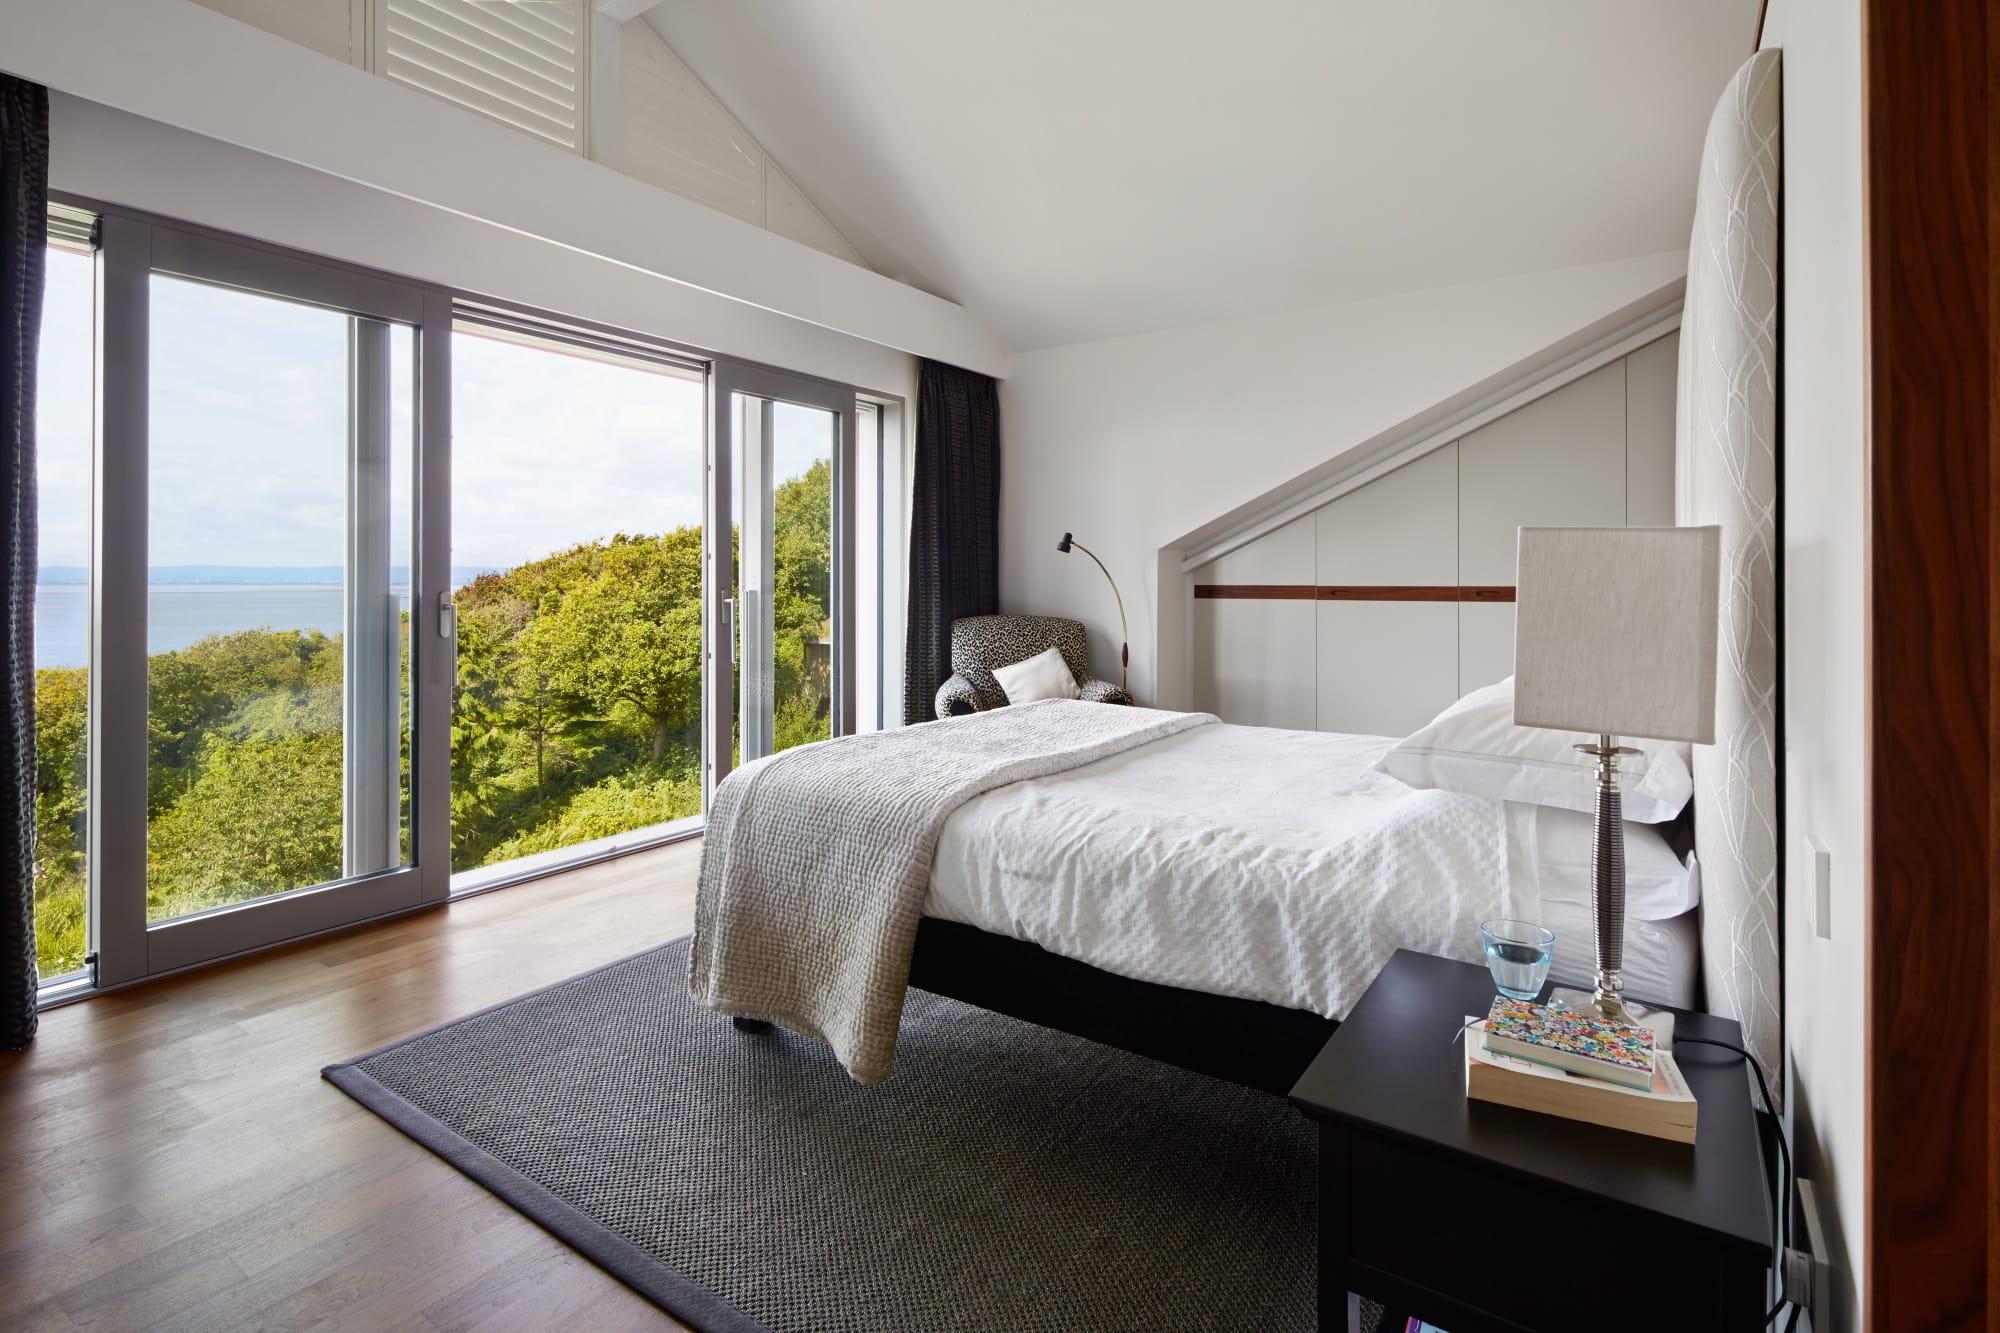 Schlafzimmer modern im Landhausstil - Inneneinrichtung Landhaus Villa Baufritz Fertighaus FORTESCUE - HausbauDirekt.de